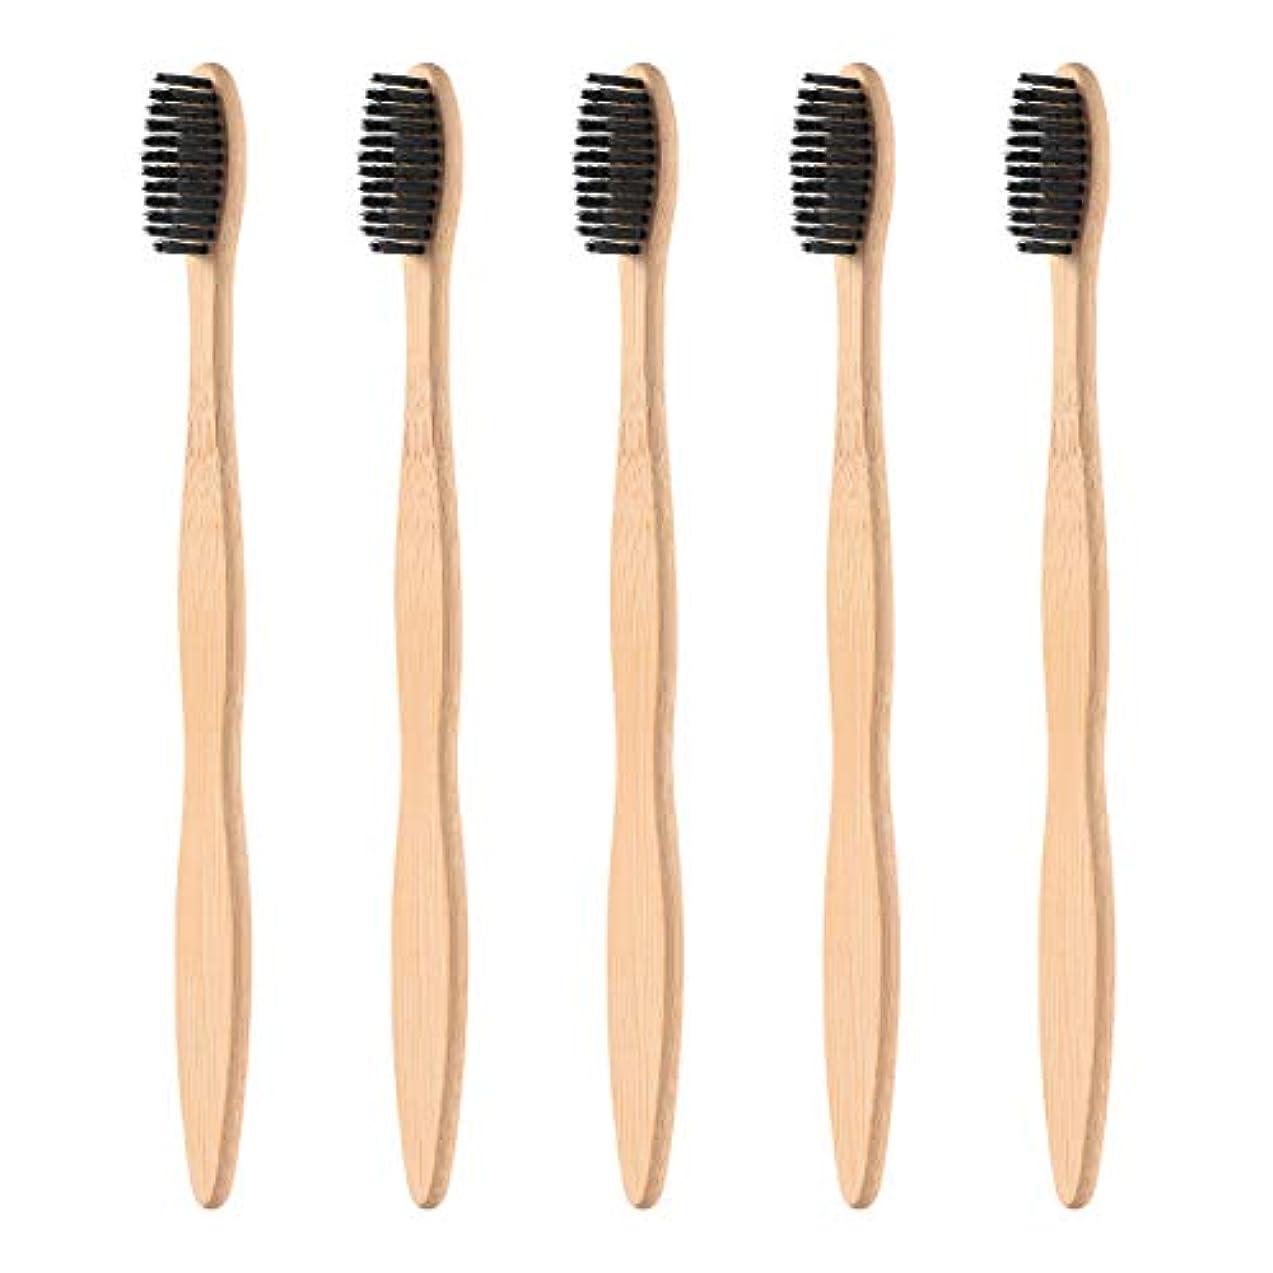 添加メッセンジャーどこにでもHealifty タケ環境的に歯ブラシ5pcsは柔らかい黒い剛毛が付いている自然な木のEcoの友好的な歯ブラシを扱います